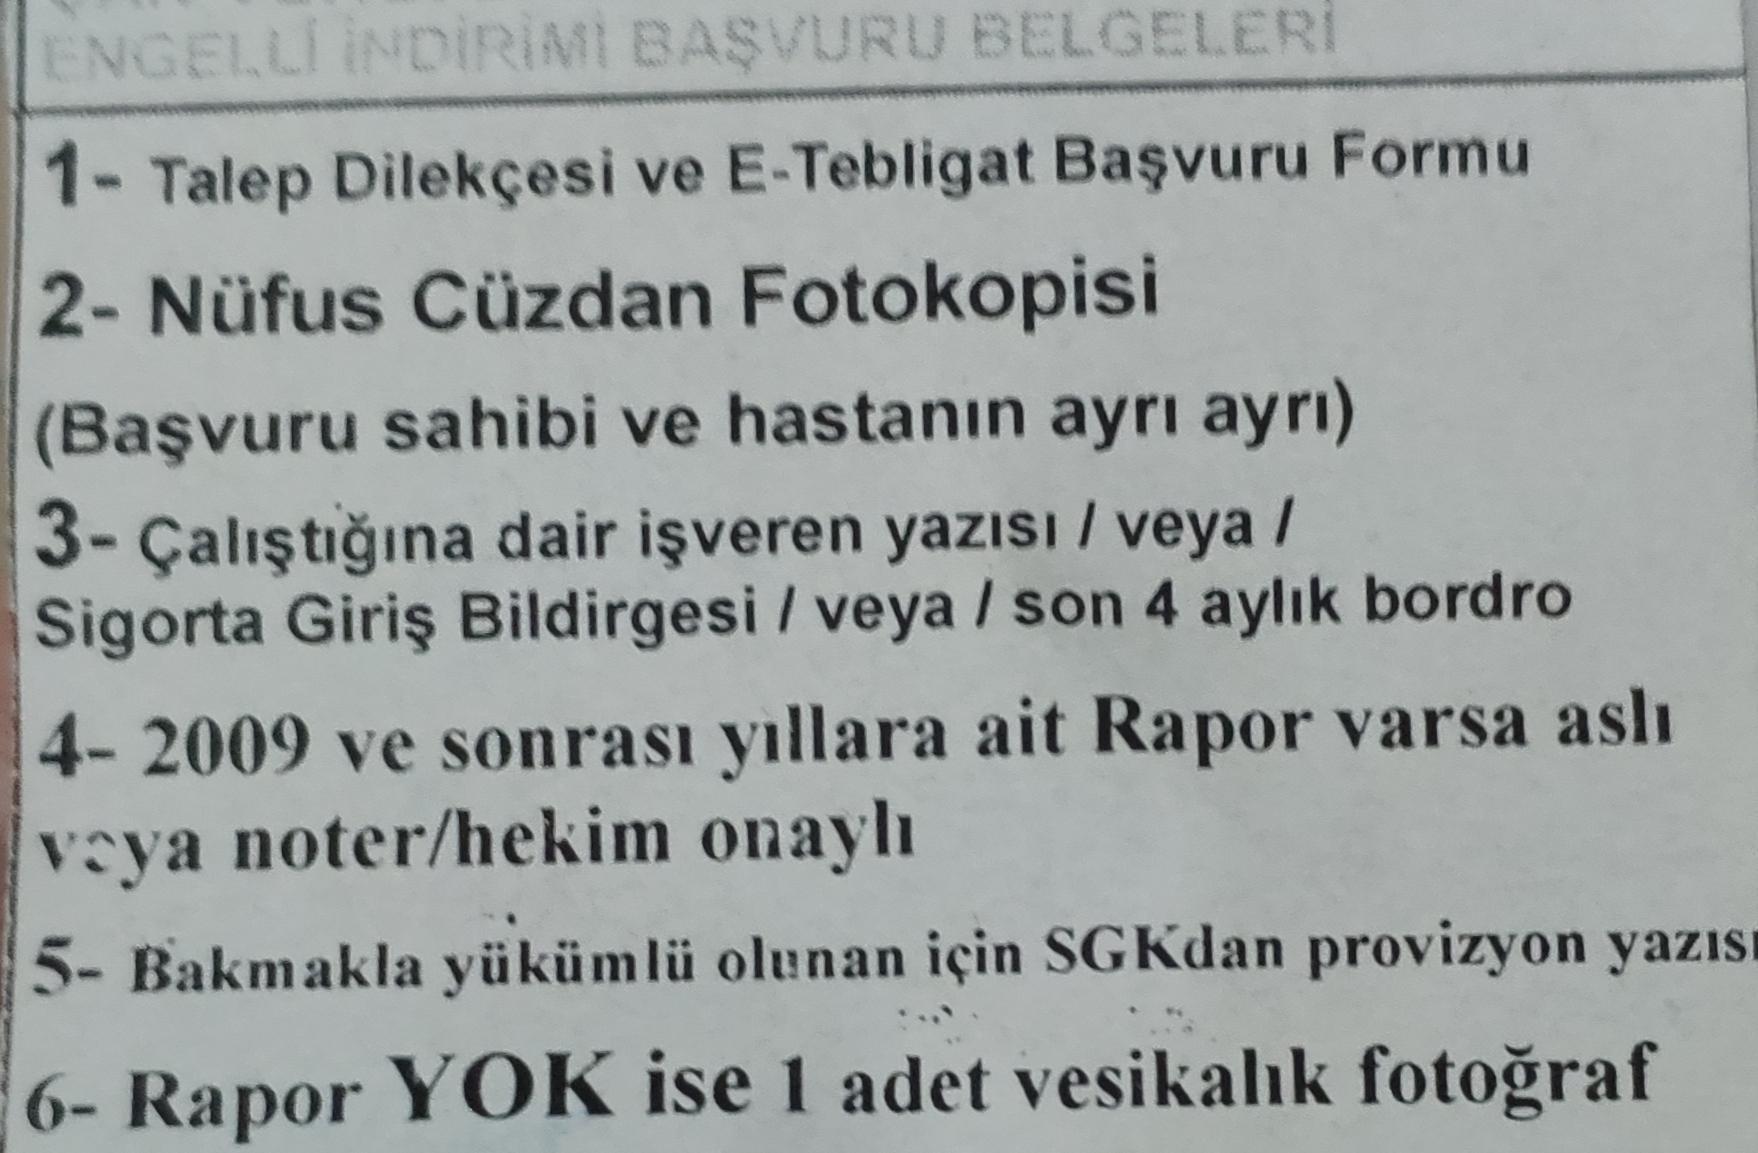 af83cdaed2cfb133e5c194c58b97f379 - Raporum Ankara Maliye'ye gönderildi. Süreci nereden ve nasıl takip edebilirim?